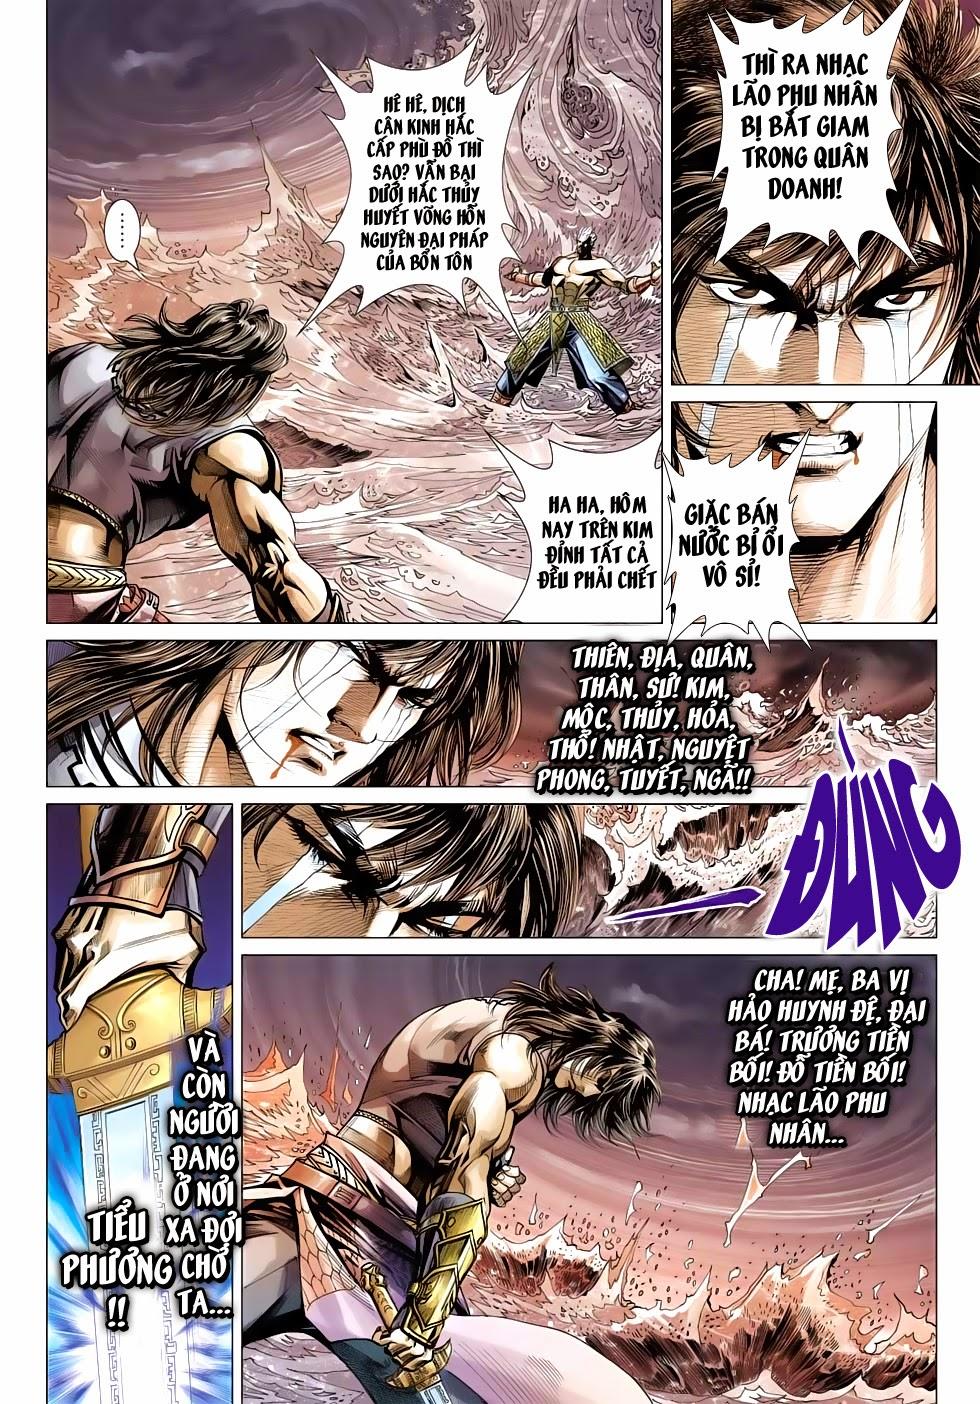 Thần Châu Kỳ Hiệp chap 32 – End Trang 20 - Mangak.info